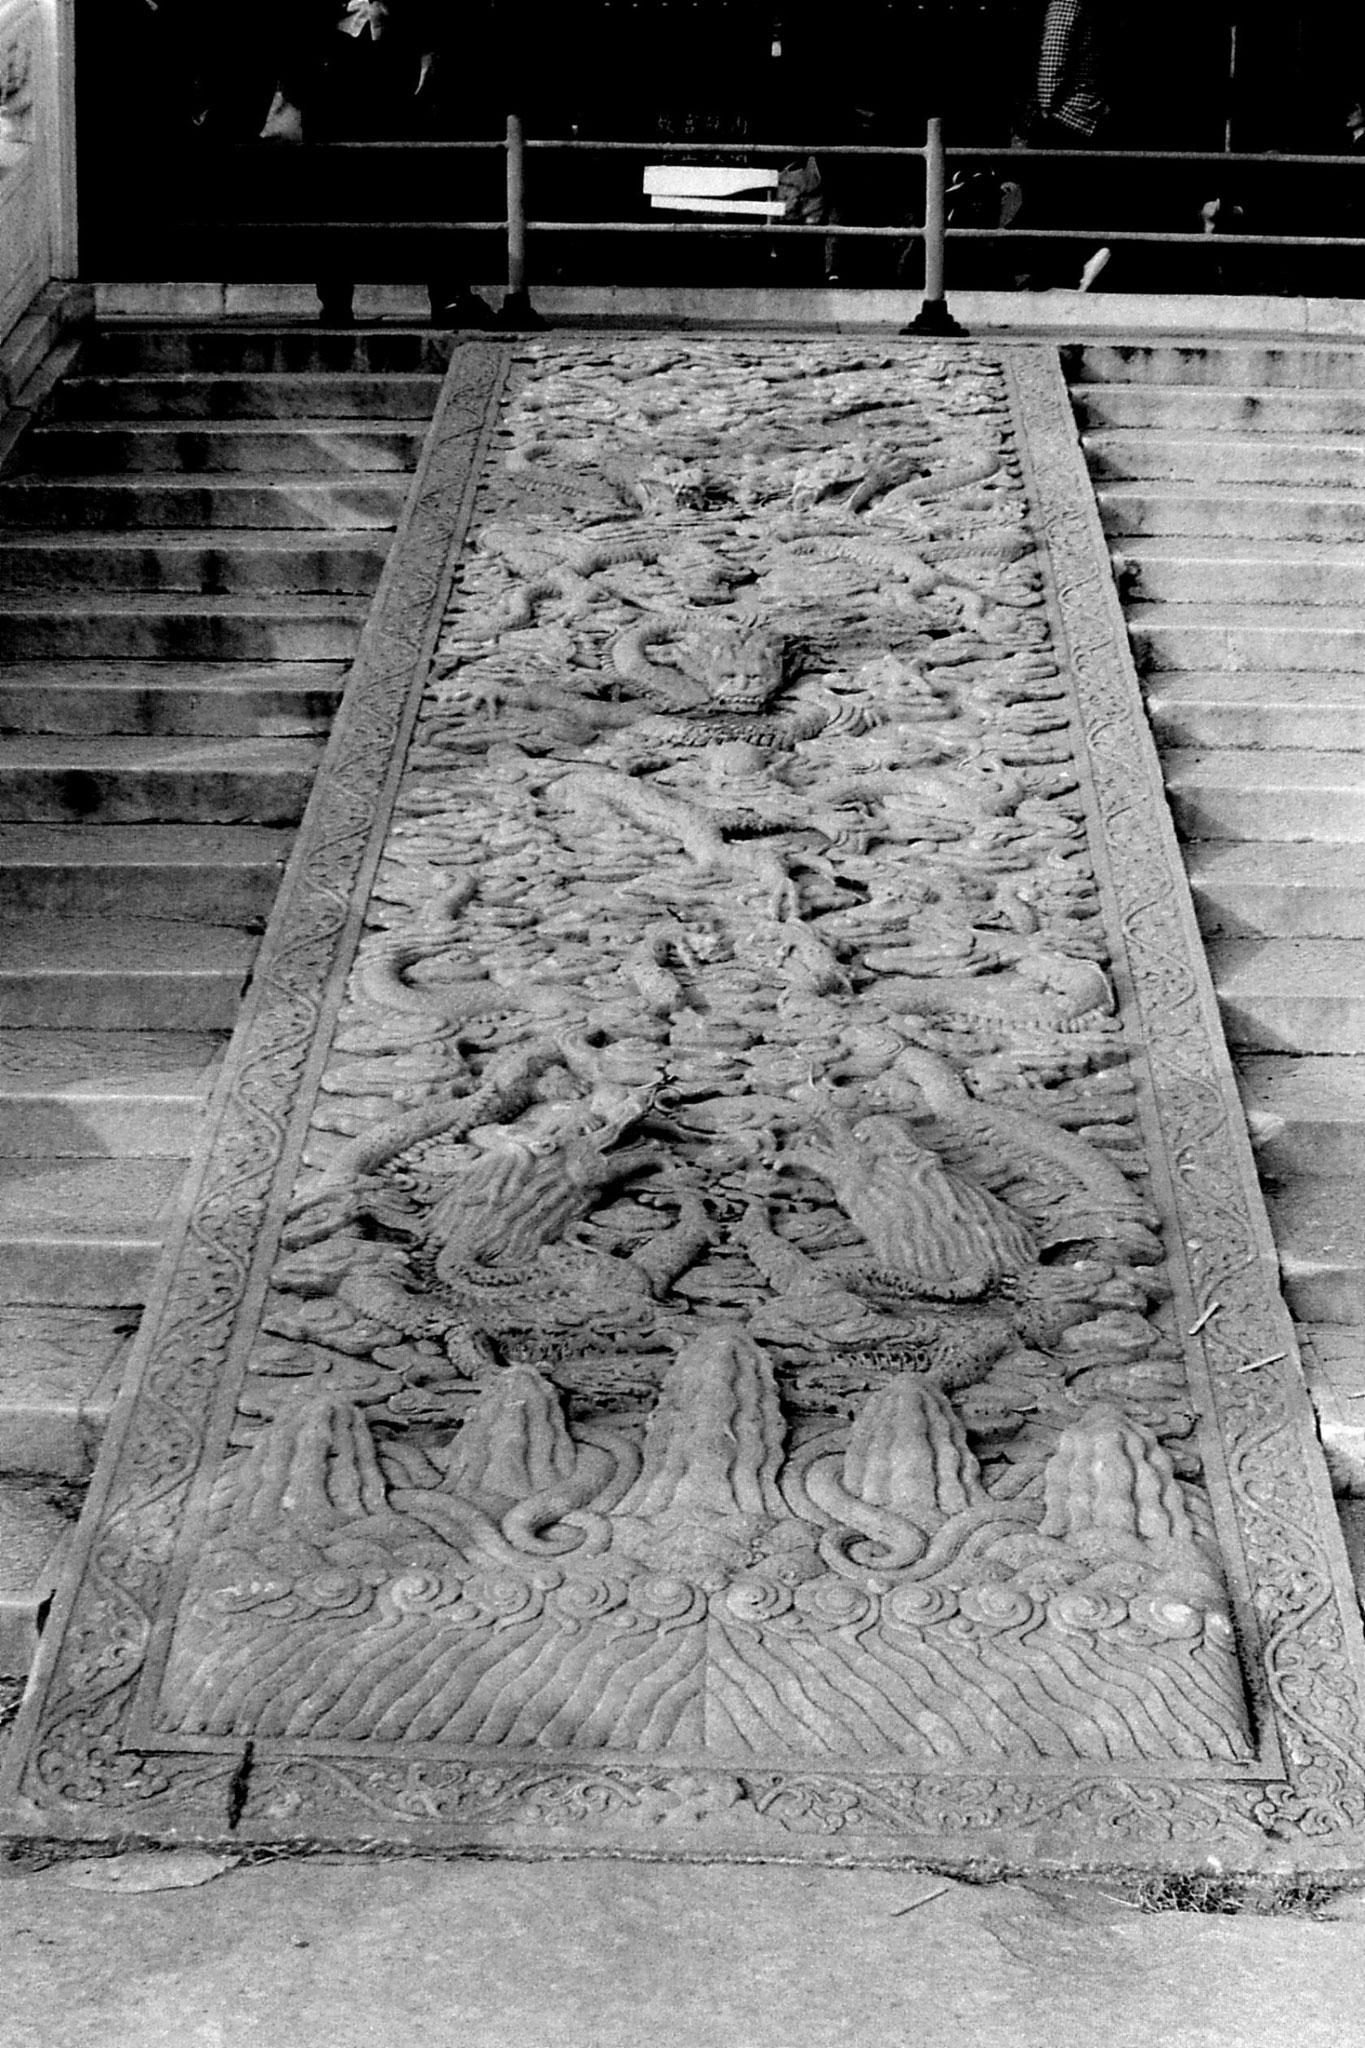 30/10/1988: 4: Emperor's paving